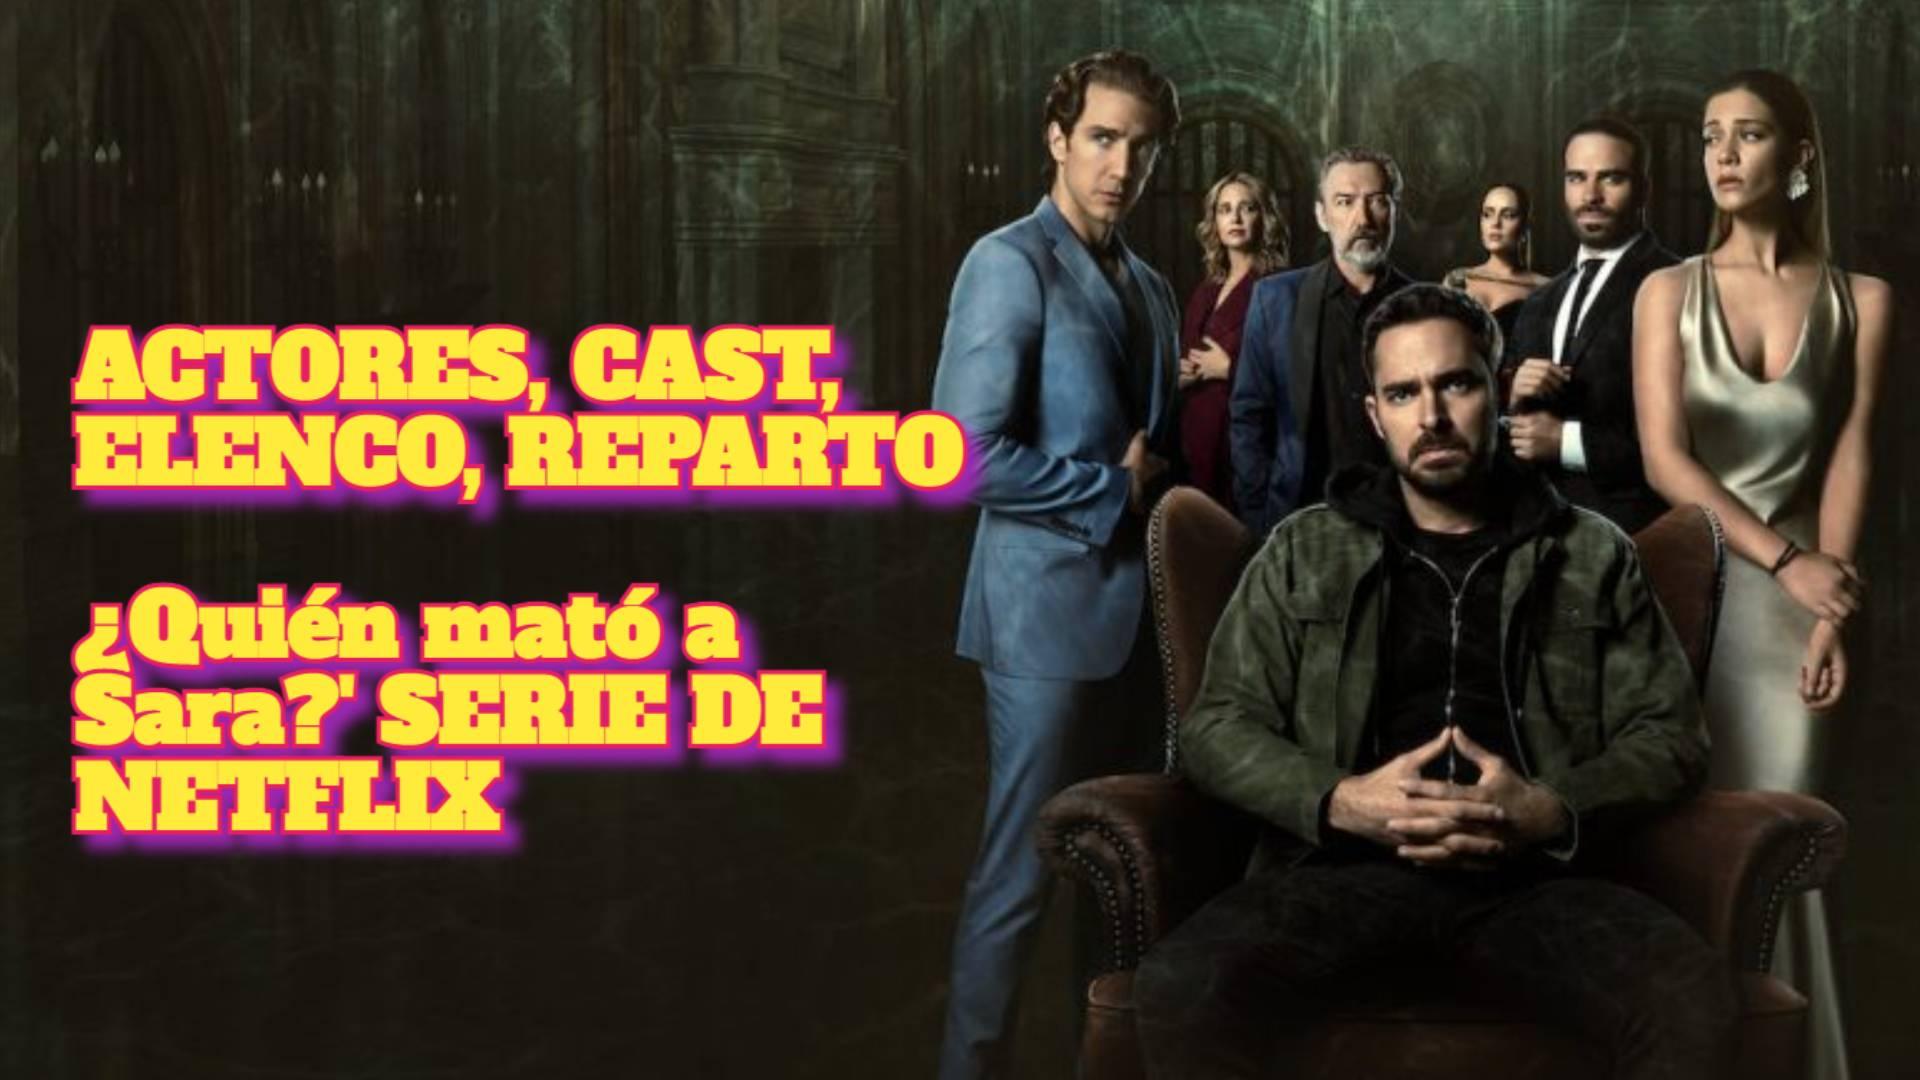 ACTORES, CAST, ELENCO, REPARTO en ¿Quién mató a Sara?' SERIE DE NETFLIX